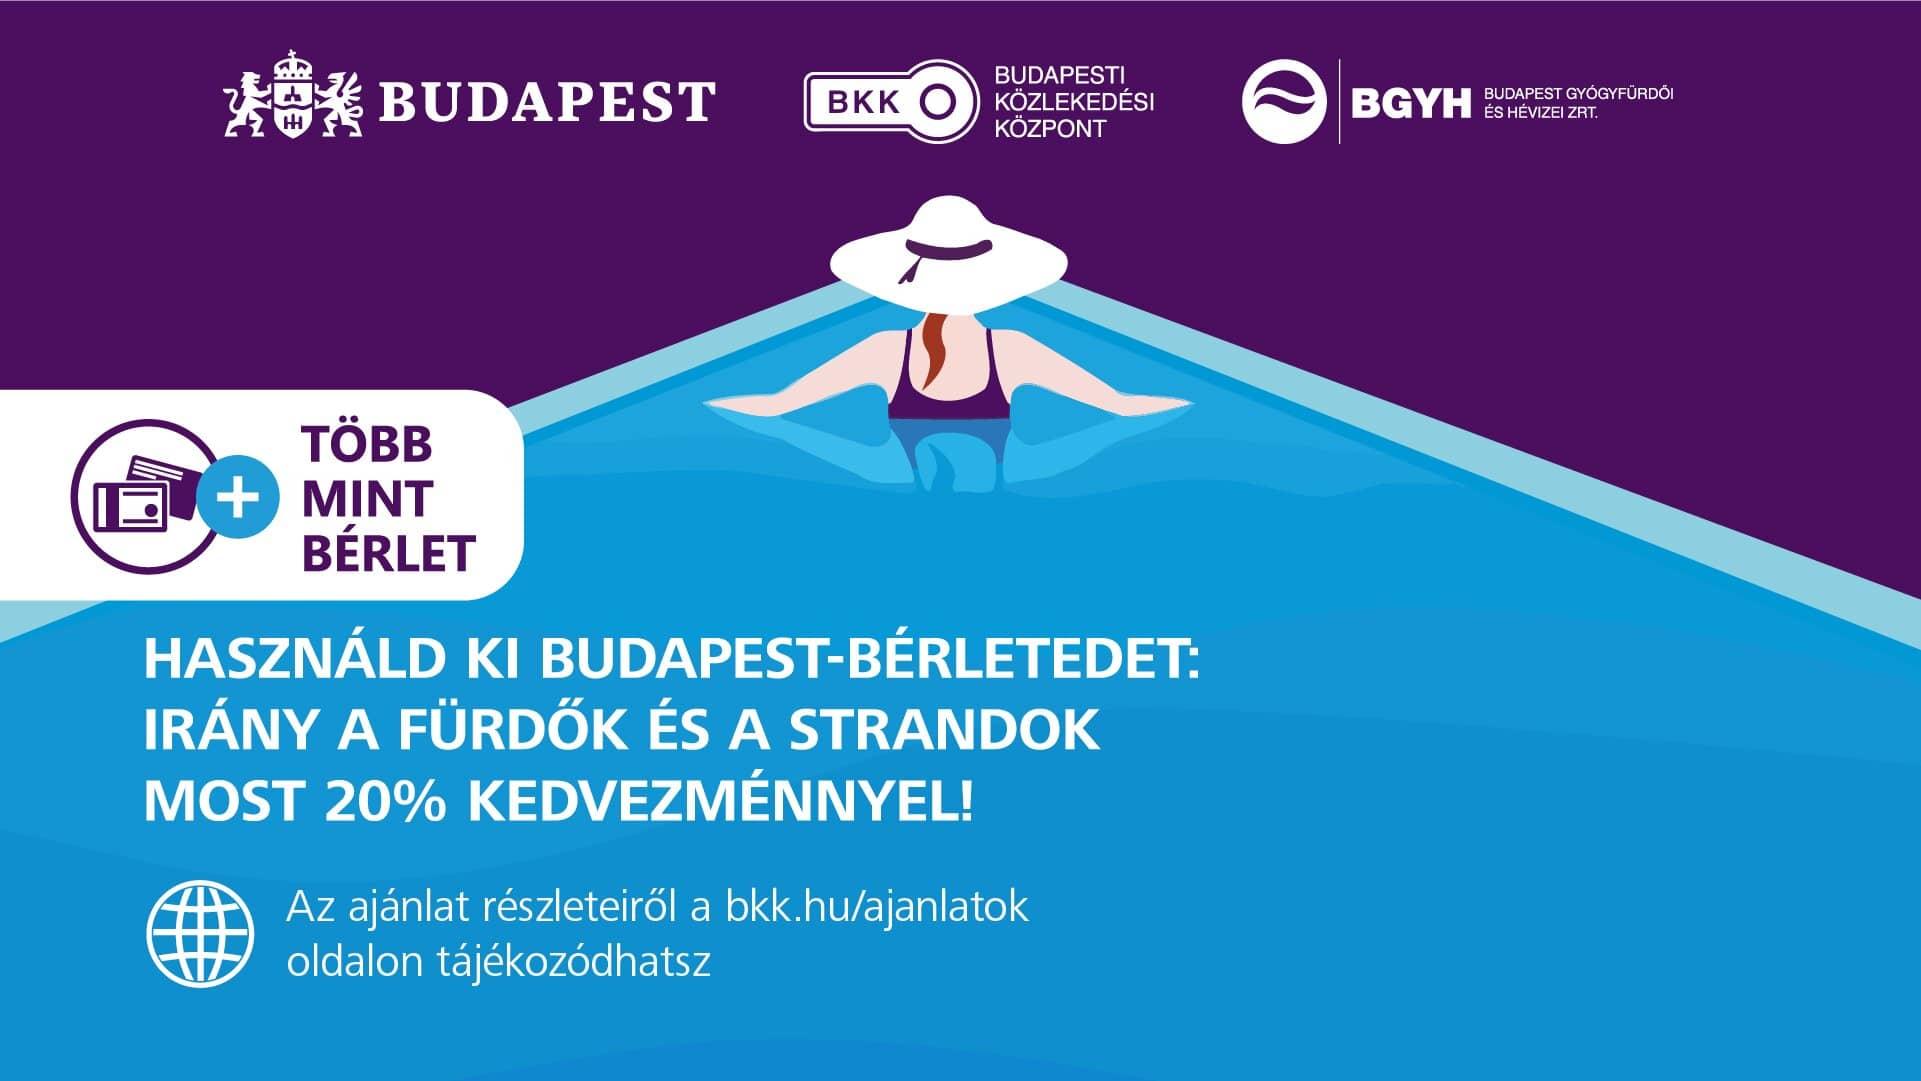 BKK bérlet 20 százalék kedvezmény Budapesti fürdők online jegyvásárlás